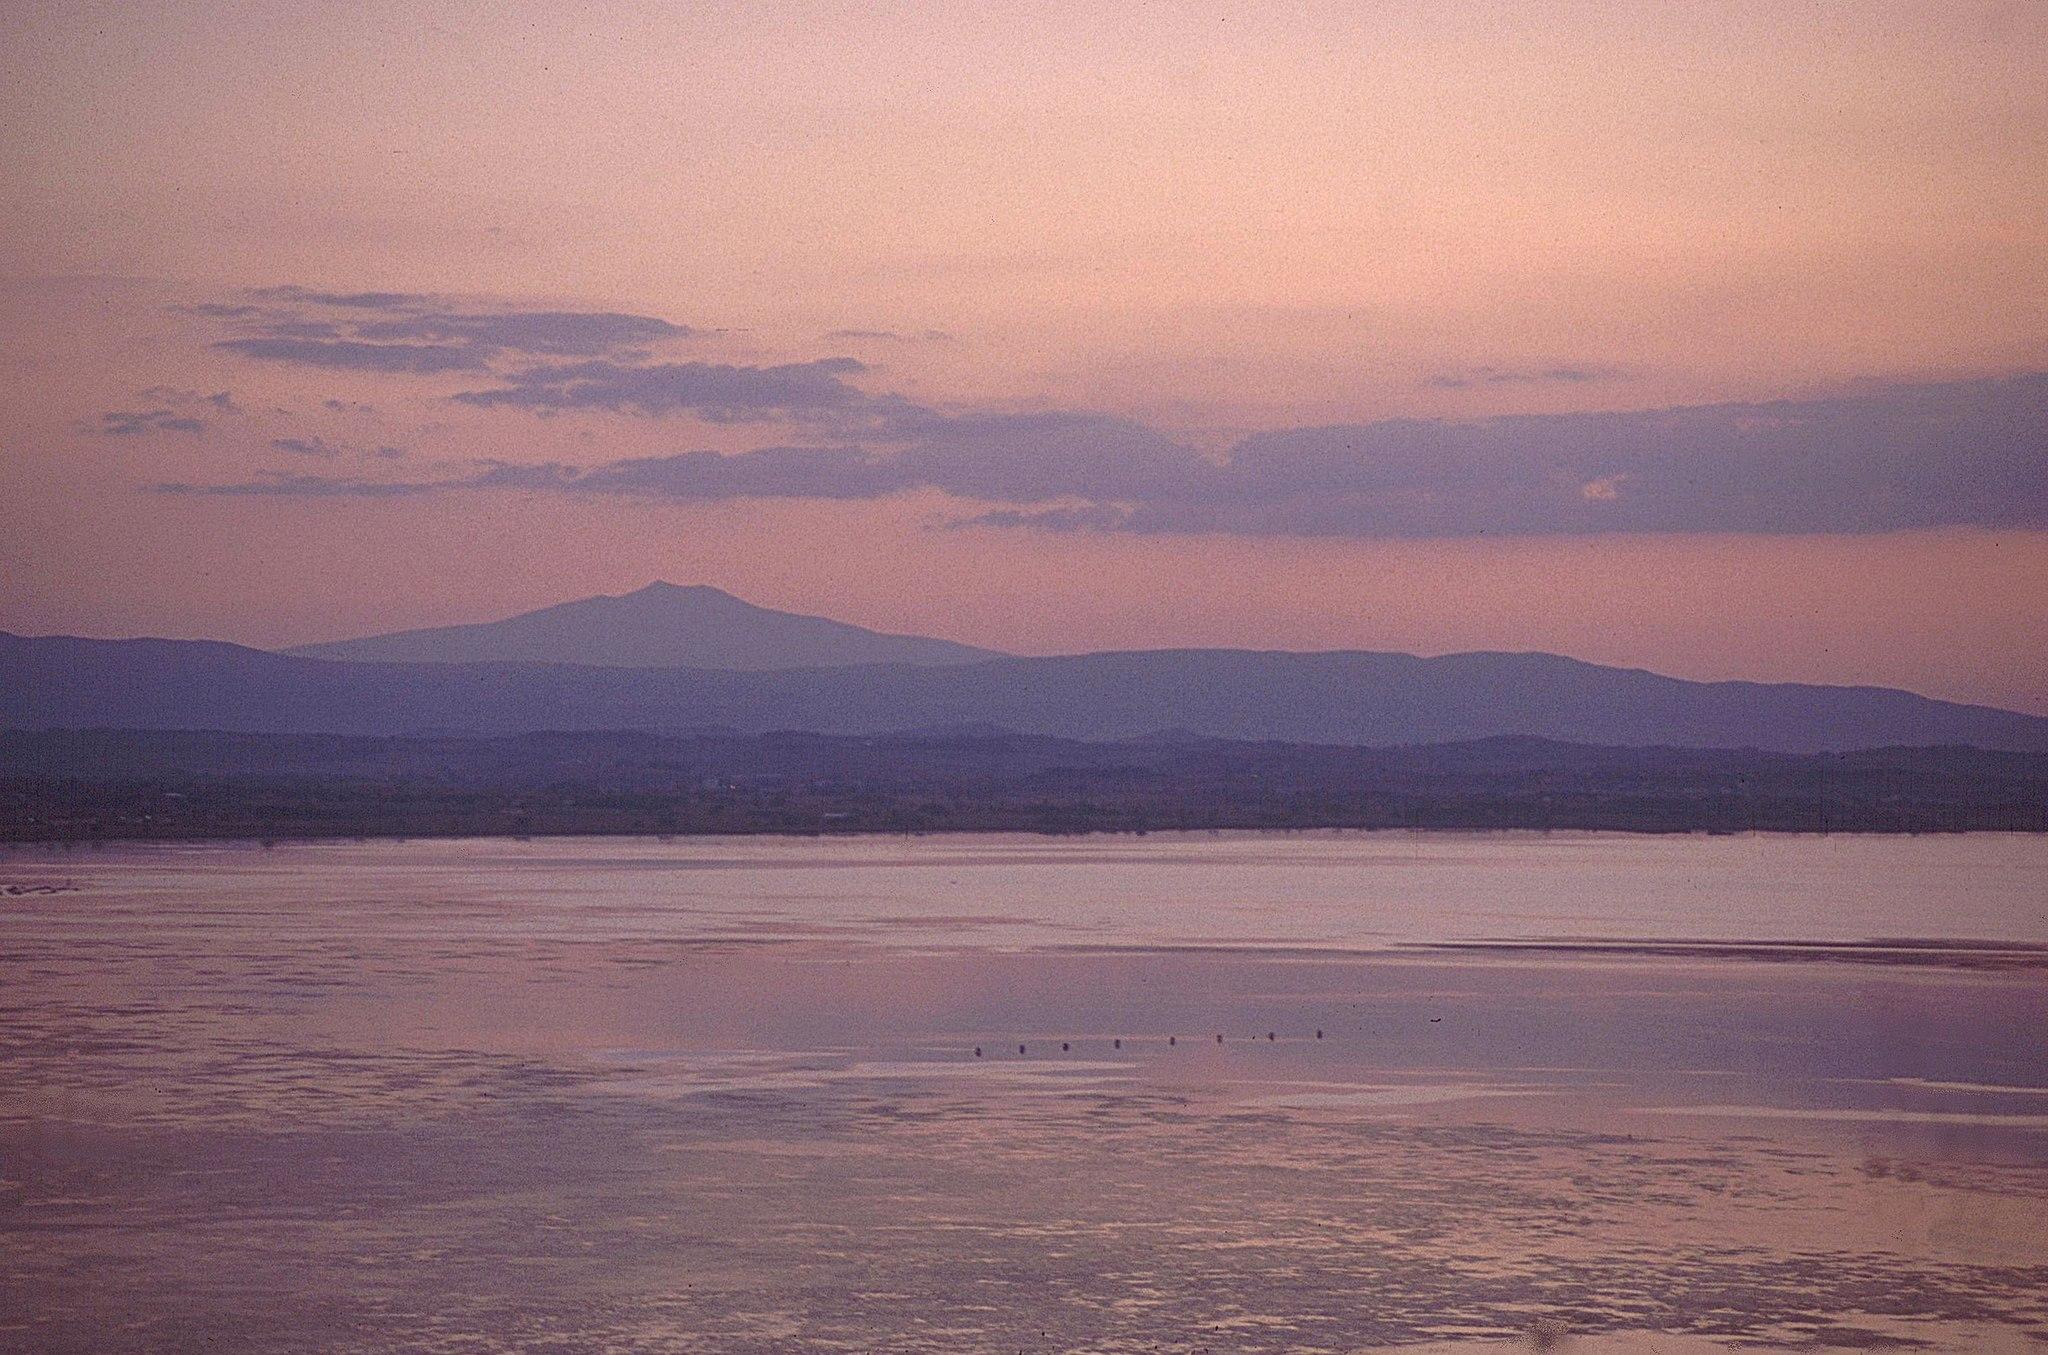 Vista del Lago Trasimeno al Monte Amiata